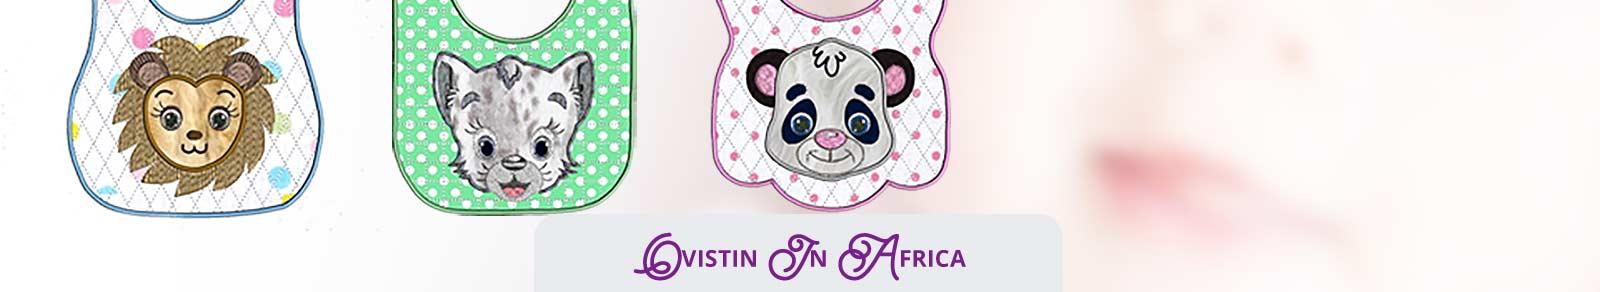 ovistin in africa